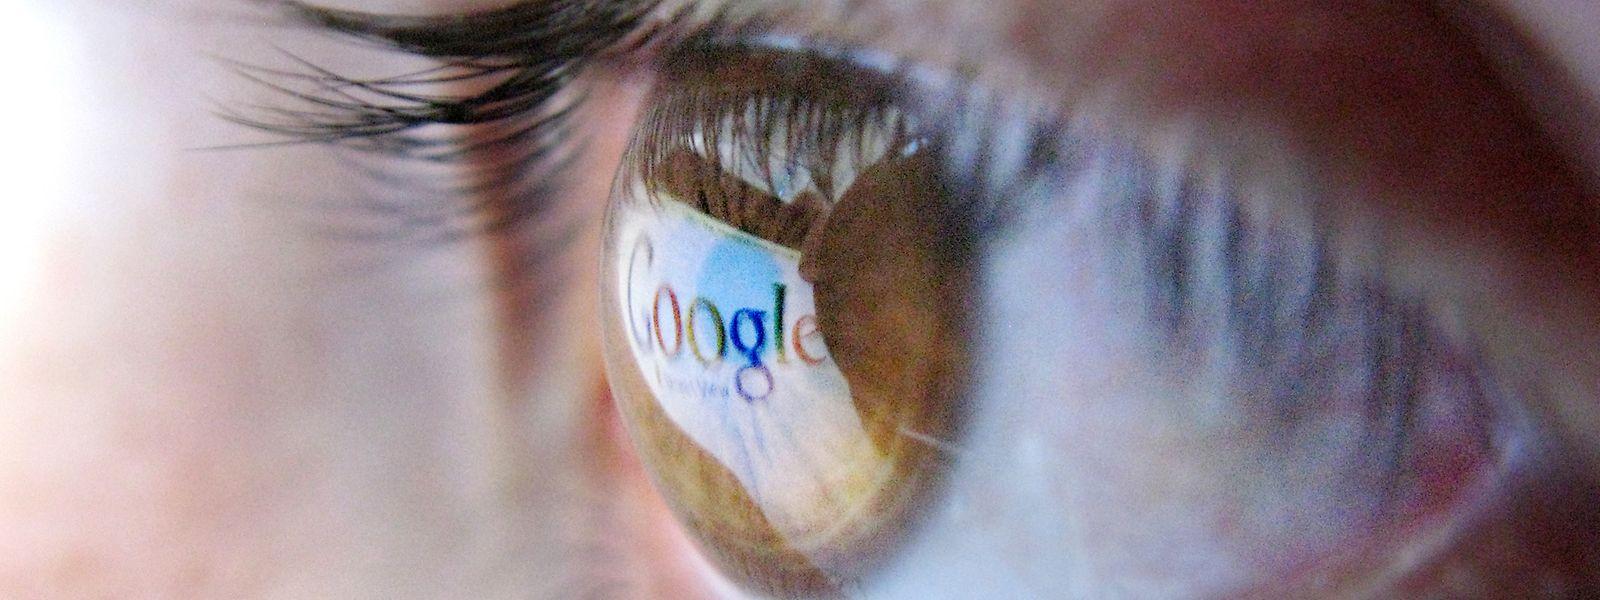 Wachsam bleiben: Es lohnt sich, mit der Hilfe von Suchmaschinen den eigenen Namen im Netz im Auge zu behalten.